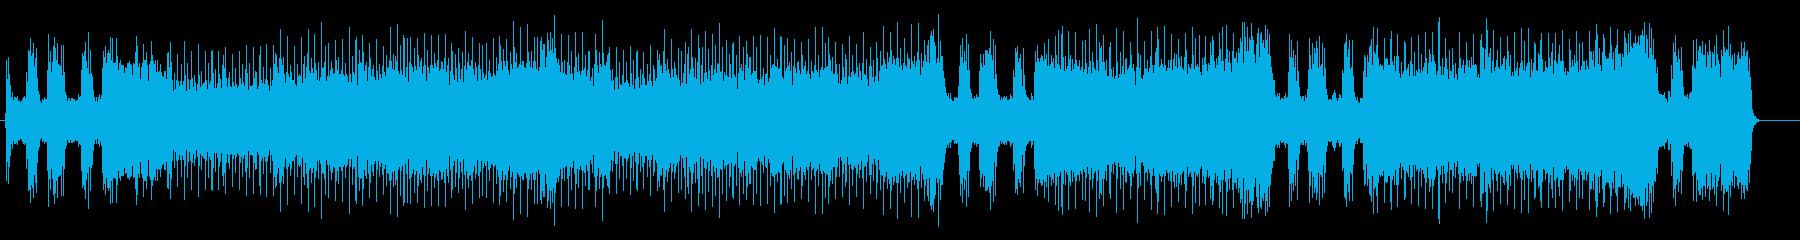 男らしいブルースロック風ゲームBGMの再生済みの波形